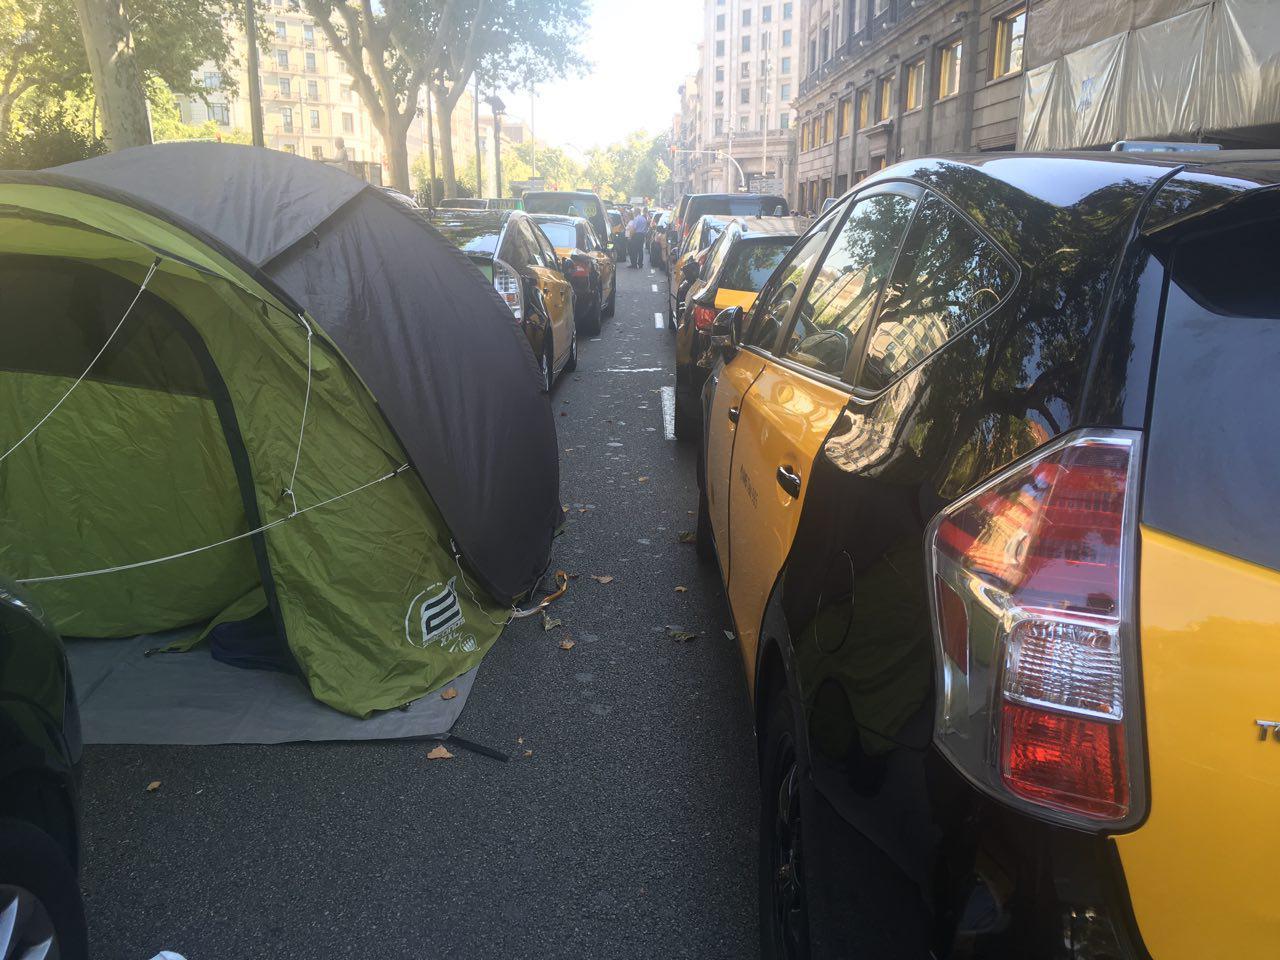 Els taxistes es preparen per una llarga estada a Gran Via, foto: Sonia Calvó